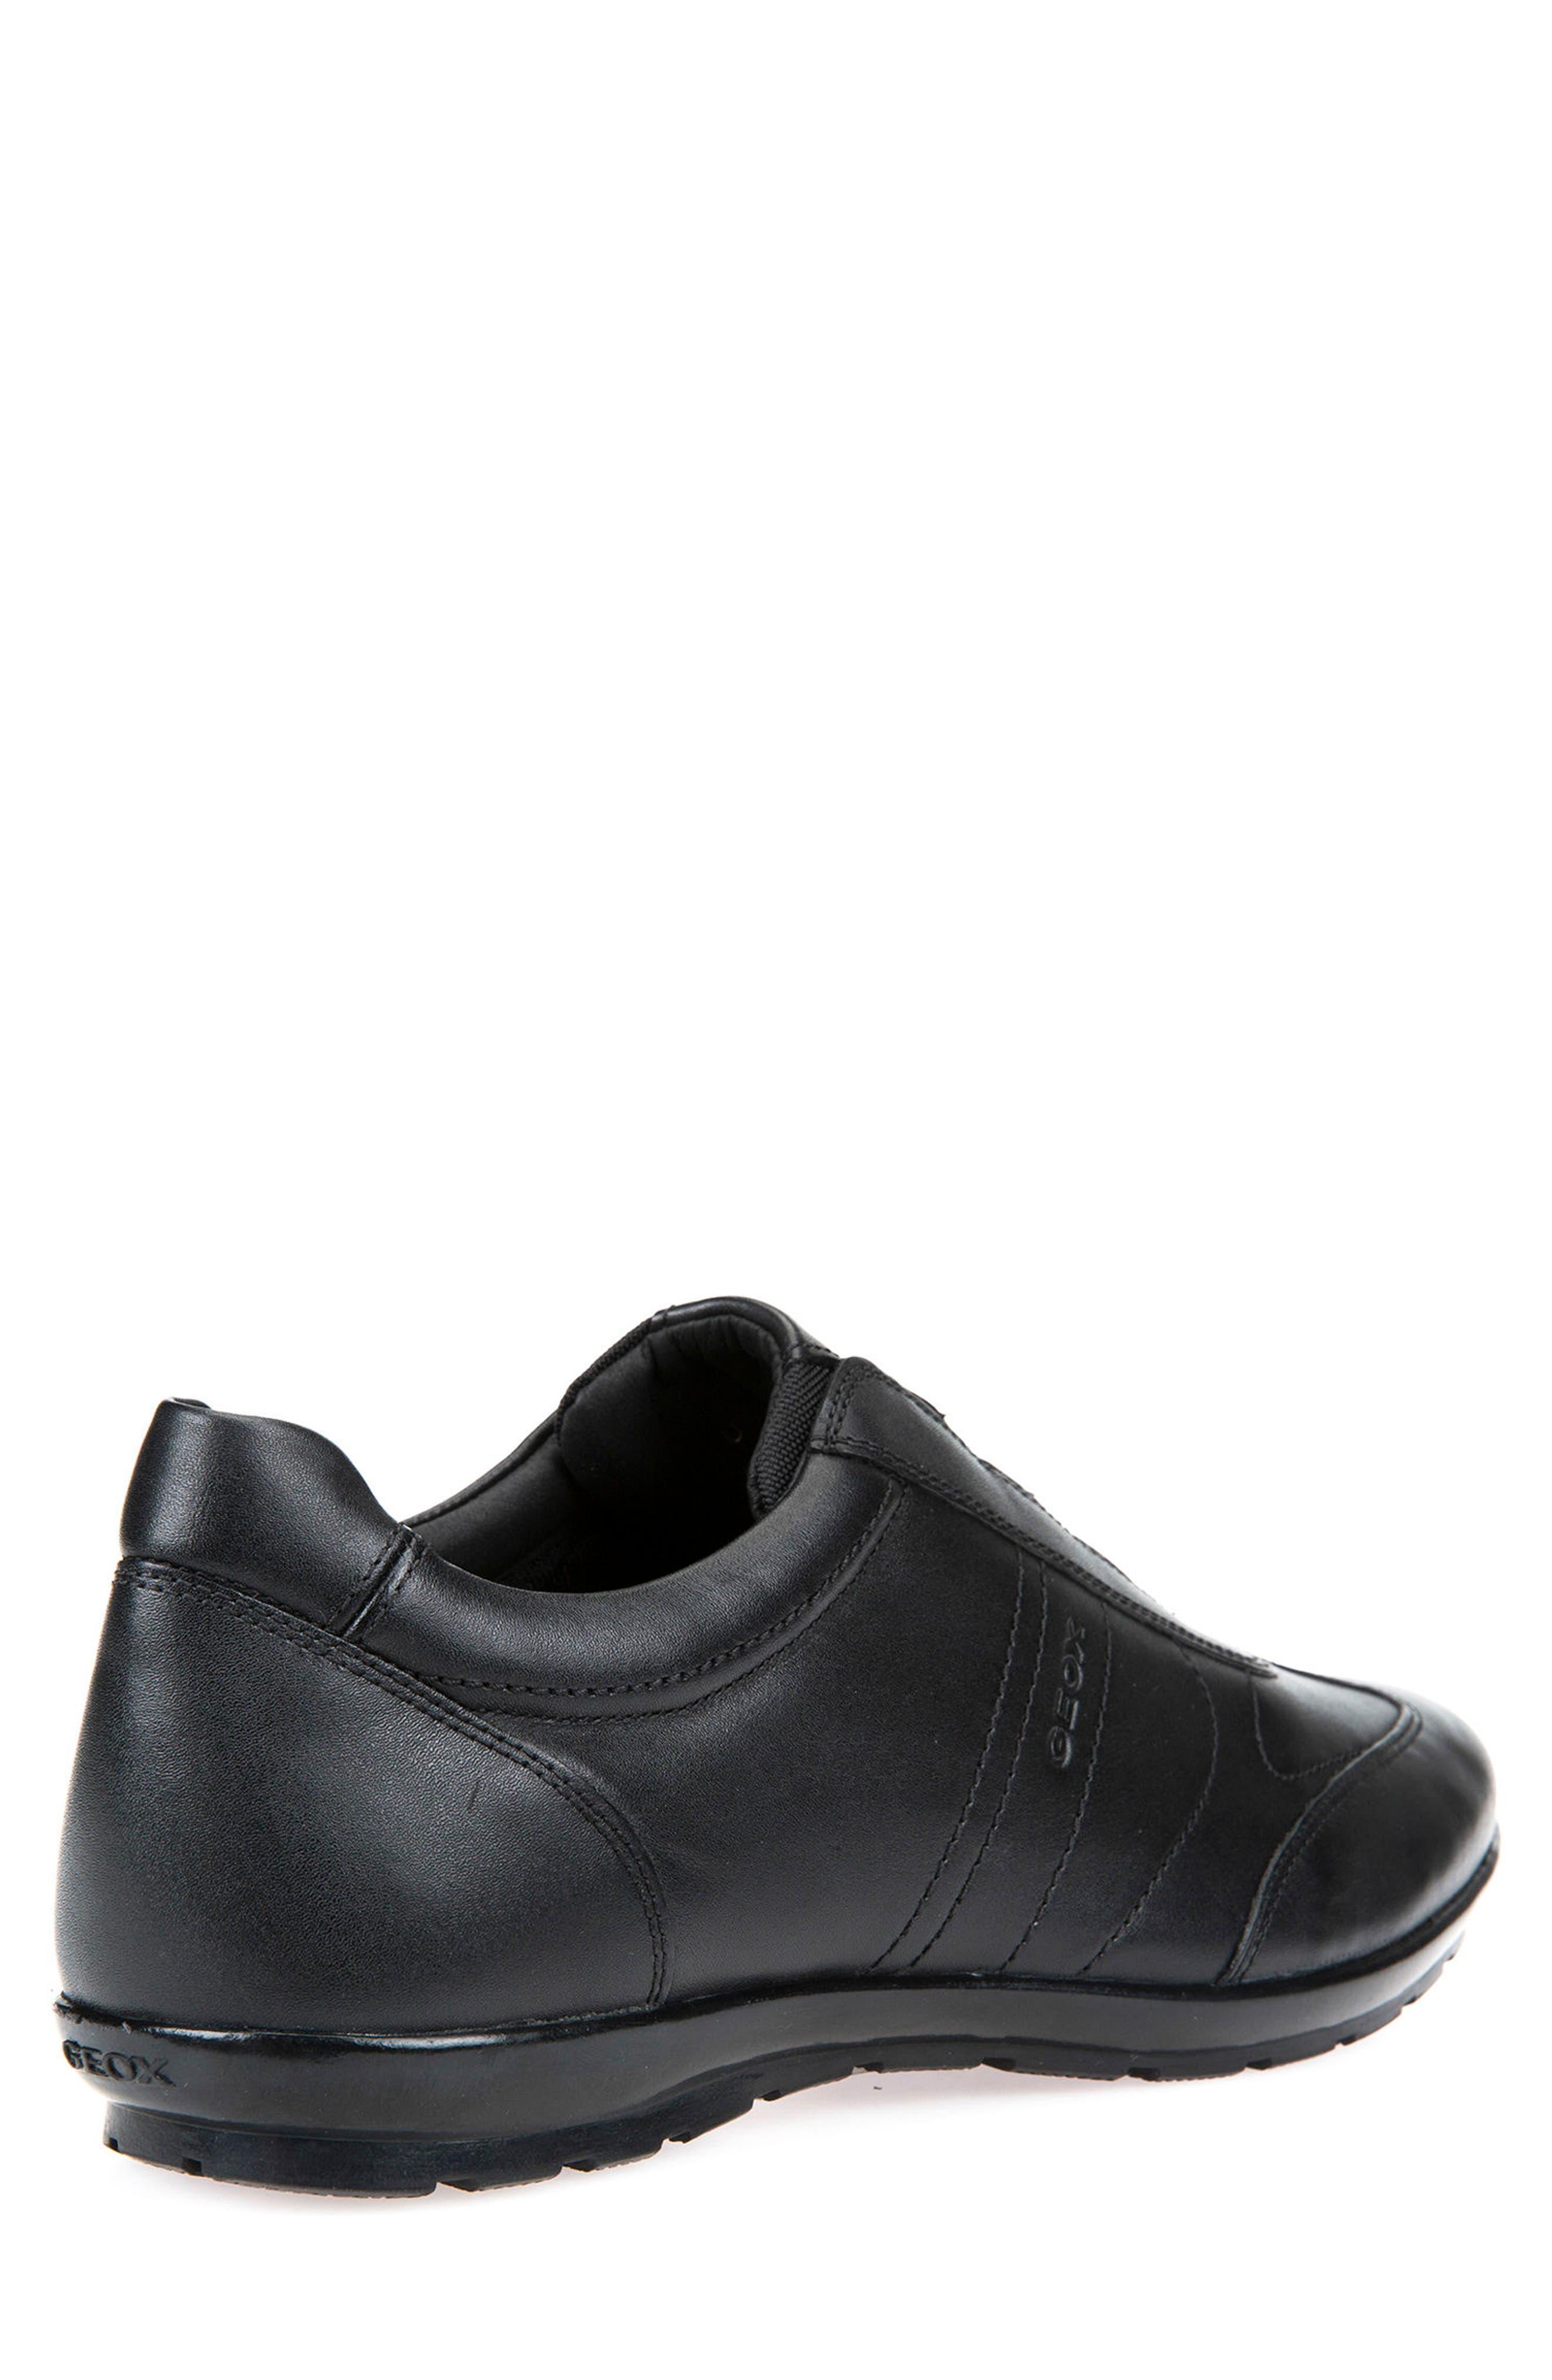 Symbol 21 Slip-On Sneaker,                             Alternate thumbnail 2, color,                             BLACK LEATHER